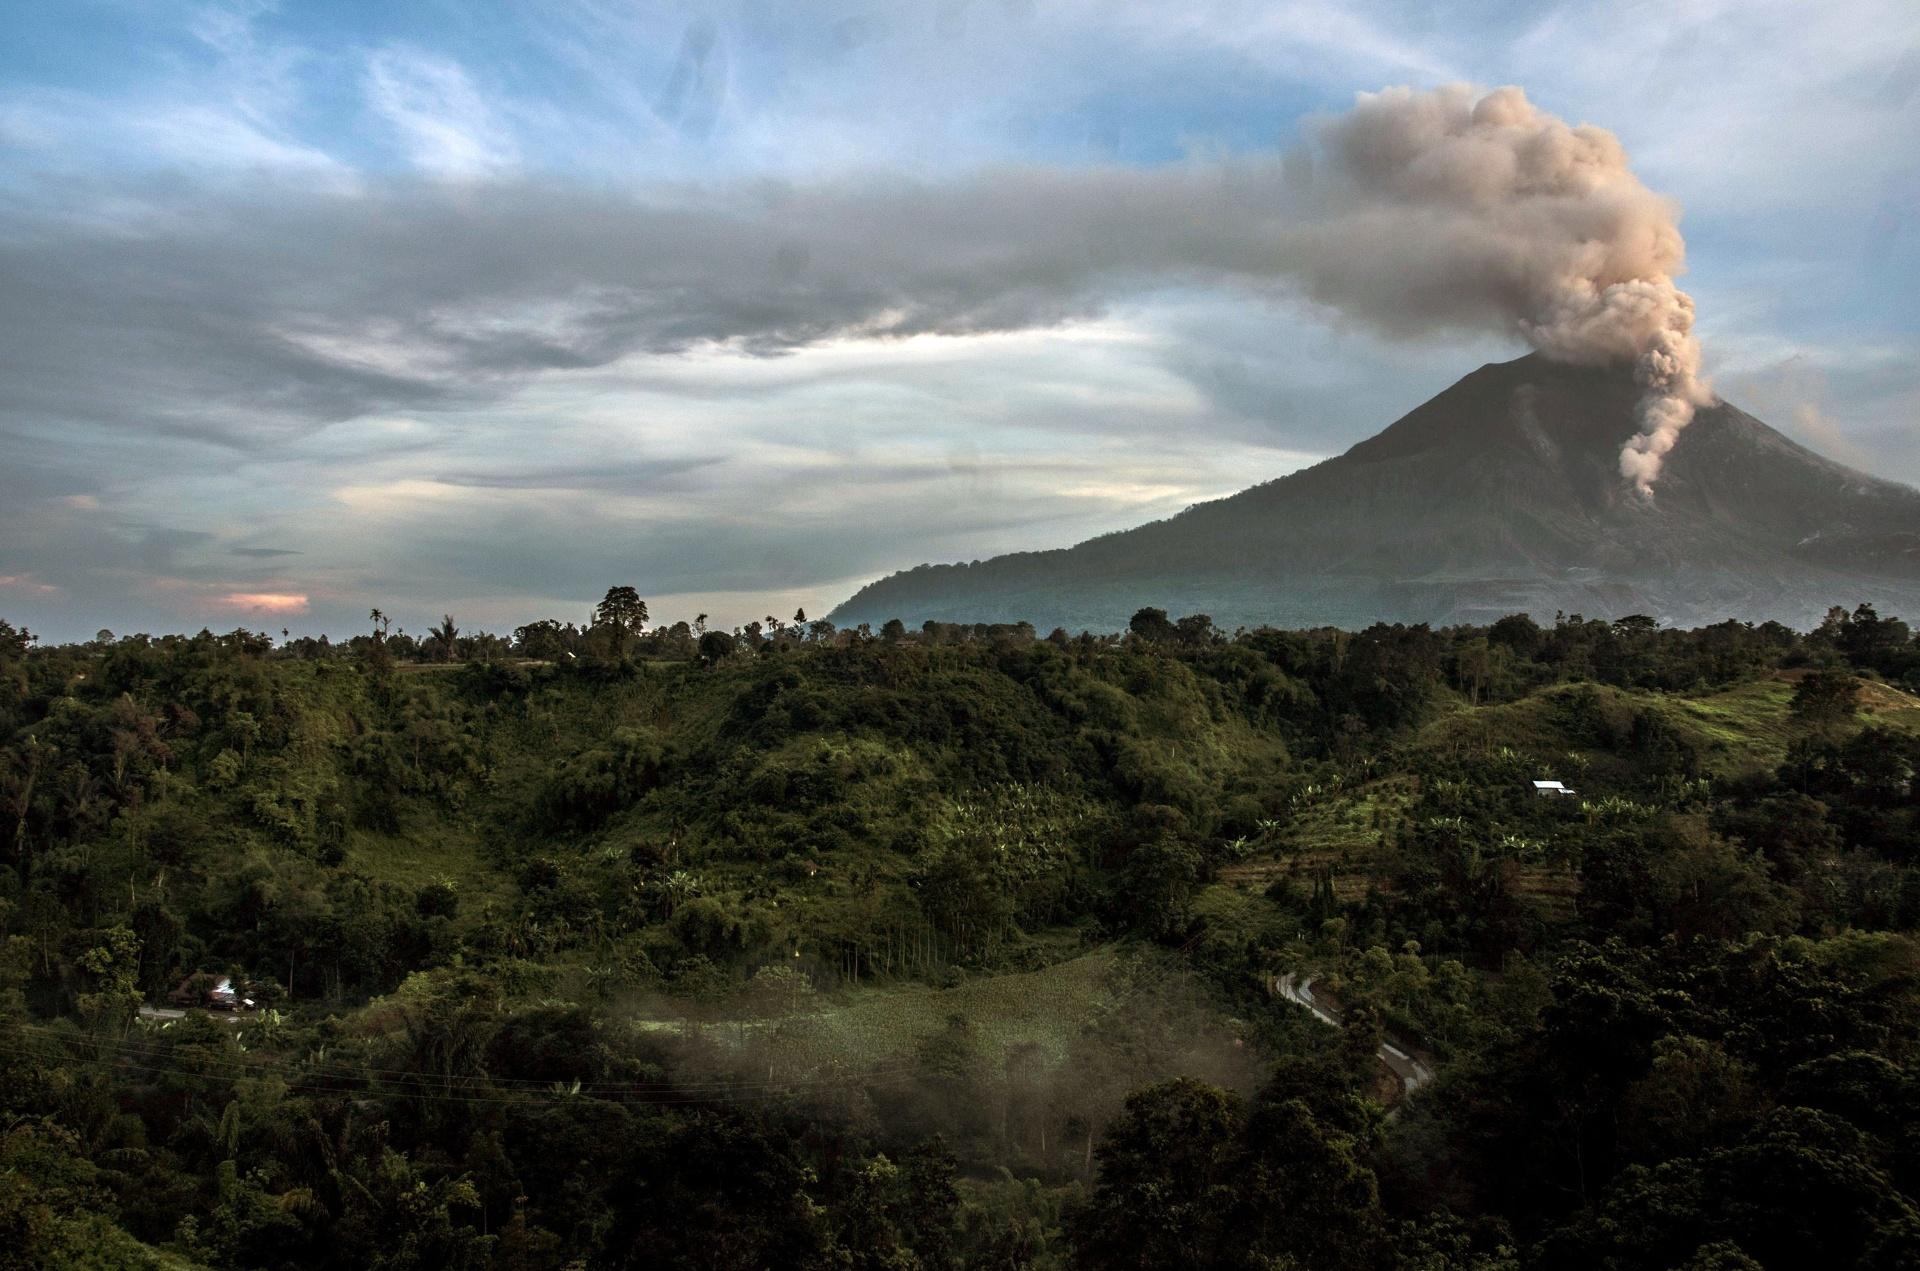 10.jun.2015 - Em erupção há uma semana, o vulcão Sinabung expele cinzas e fumaça. A atividade vulcânica obrigou a evacuação de uma comunidade com cerca de 3.000 pessoas em seus arredores, na ilha de Sumatra, na indonésia